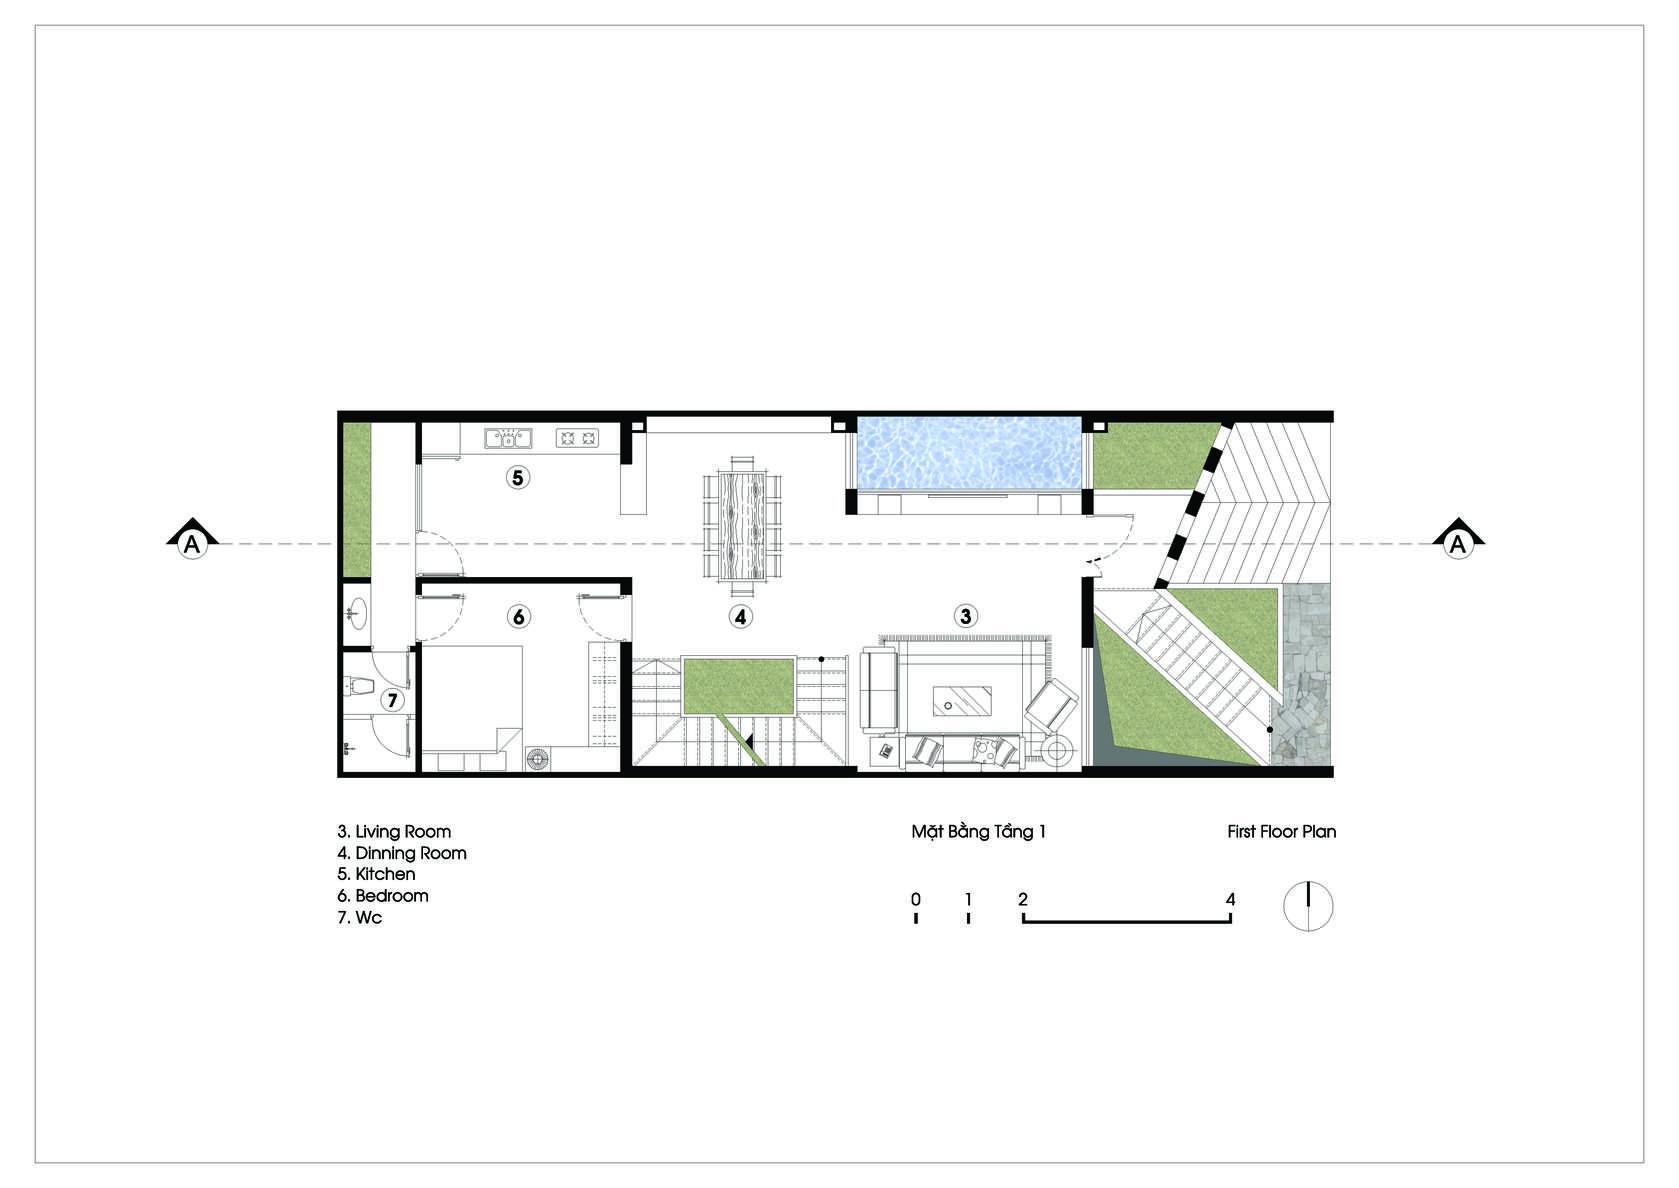 caro-house_05nguyenhieu-archi